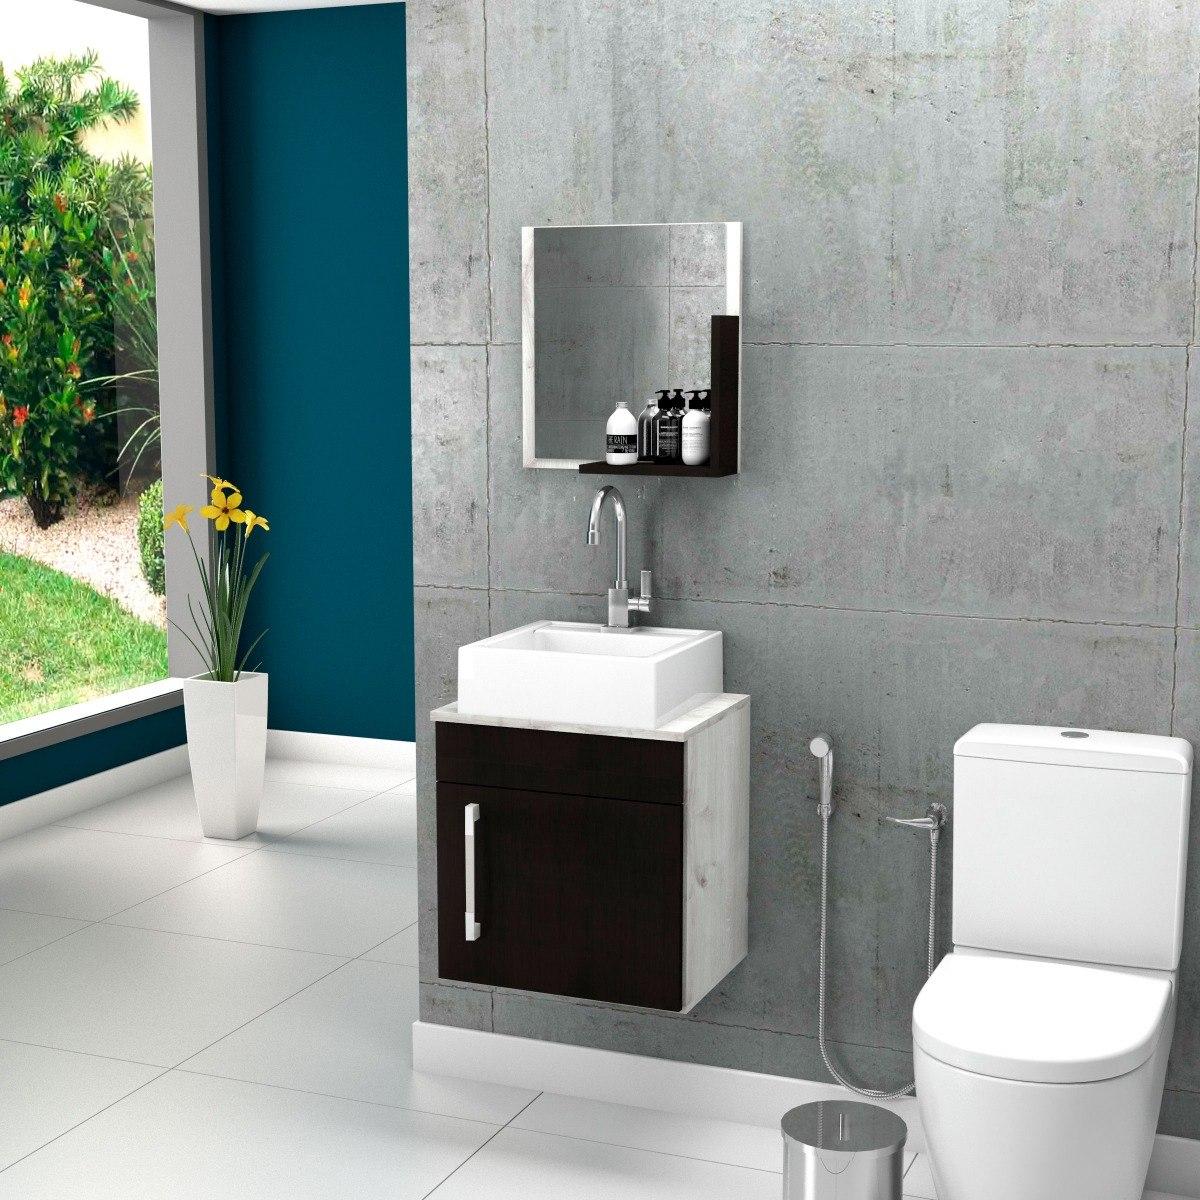 Gabinete Banheiro Liz 45cm Ccuba Q32 E Espelho Frete Grátis